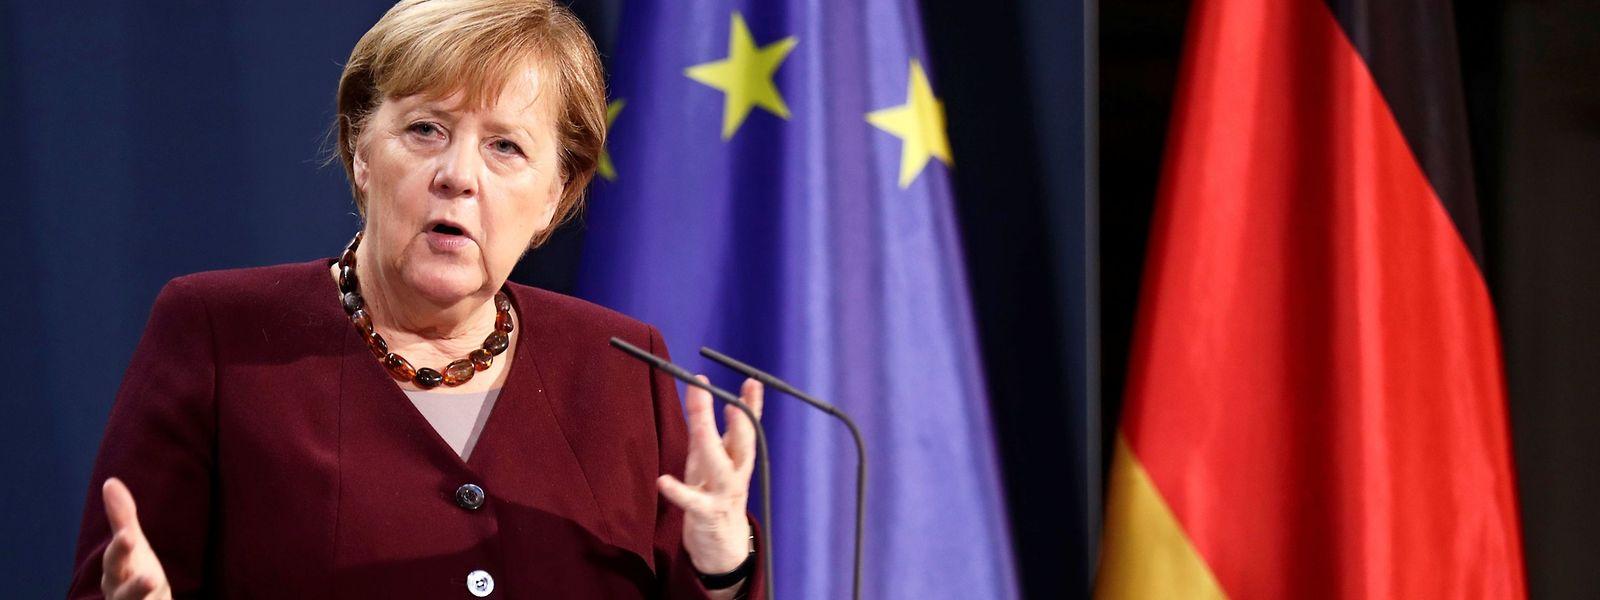 La chancelière allemande Angela Merkel s'est dite «inquiète que rien n'ait été encore fait» concrètement pour assurer la vaccination dans les pays pauvres.